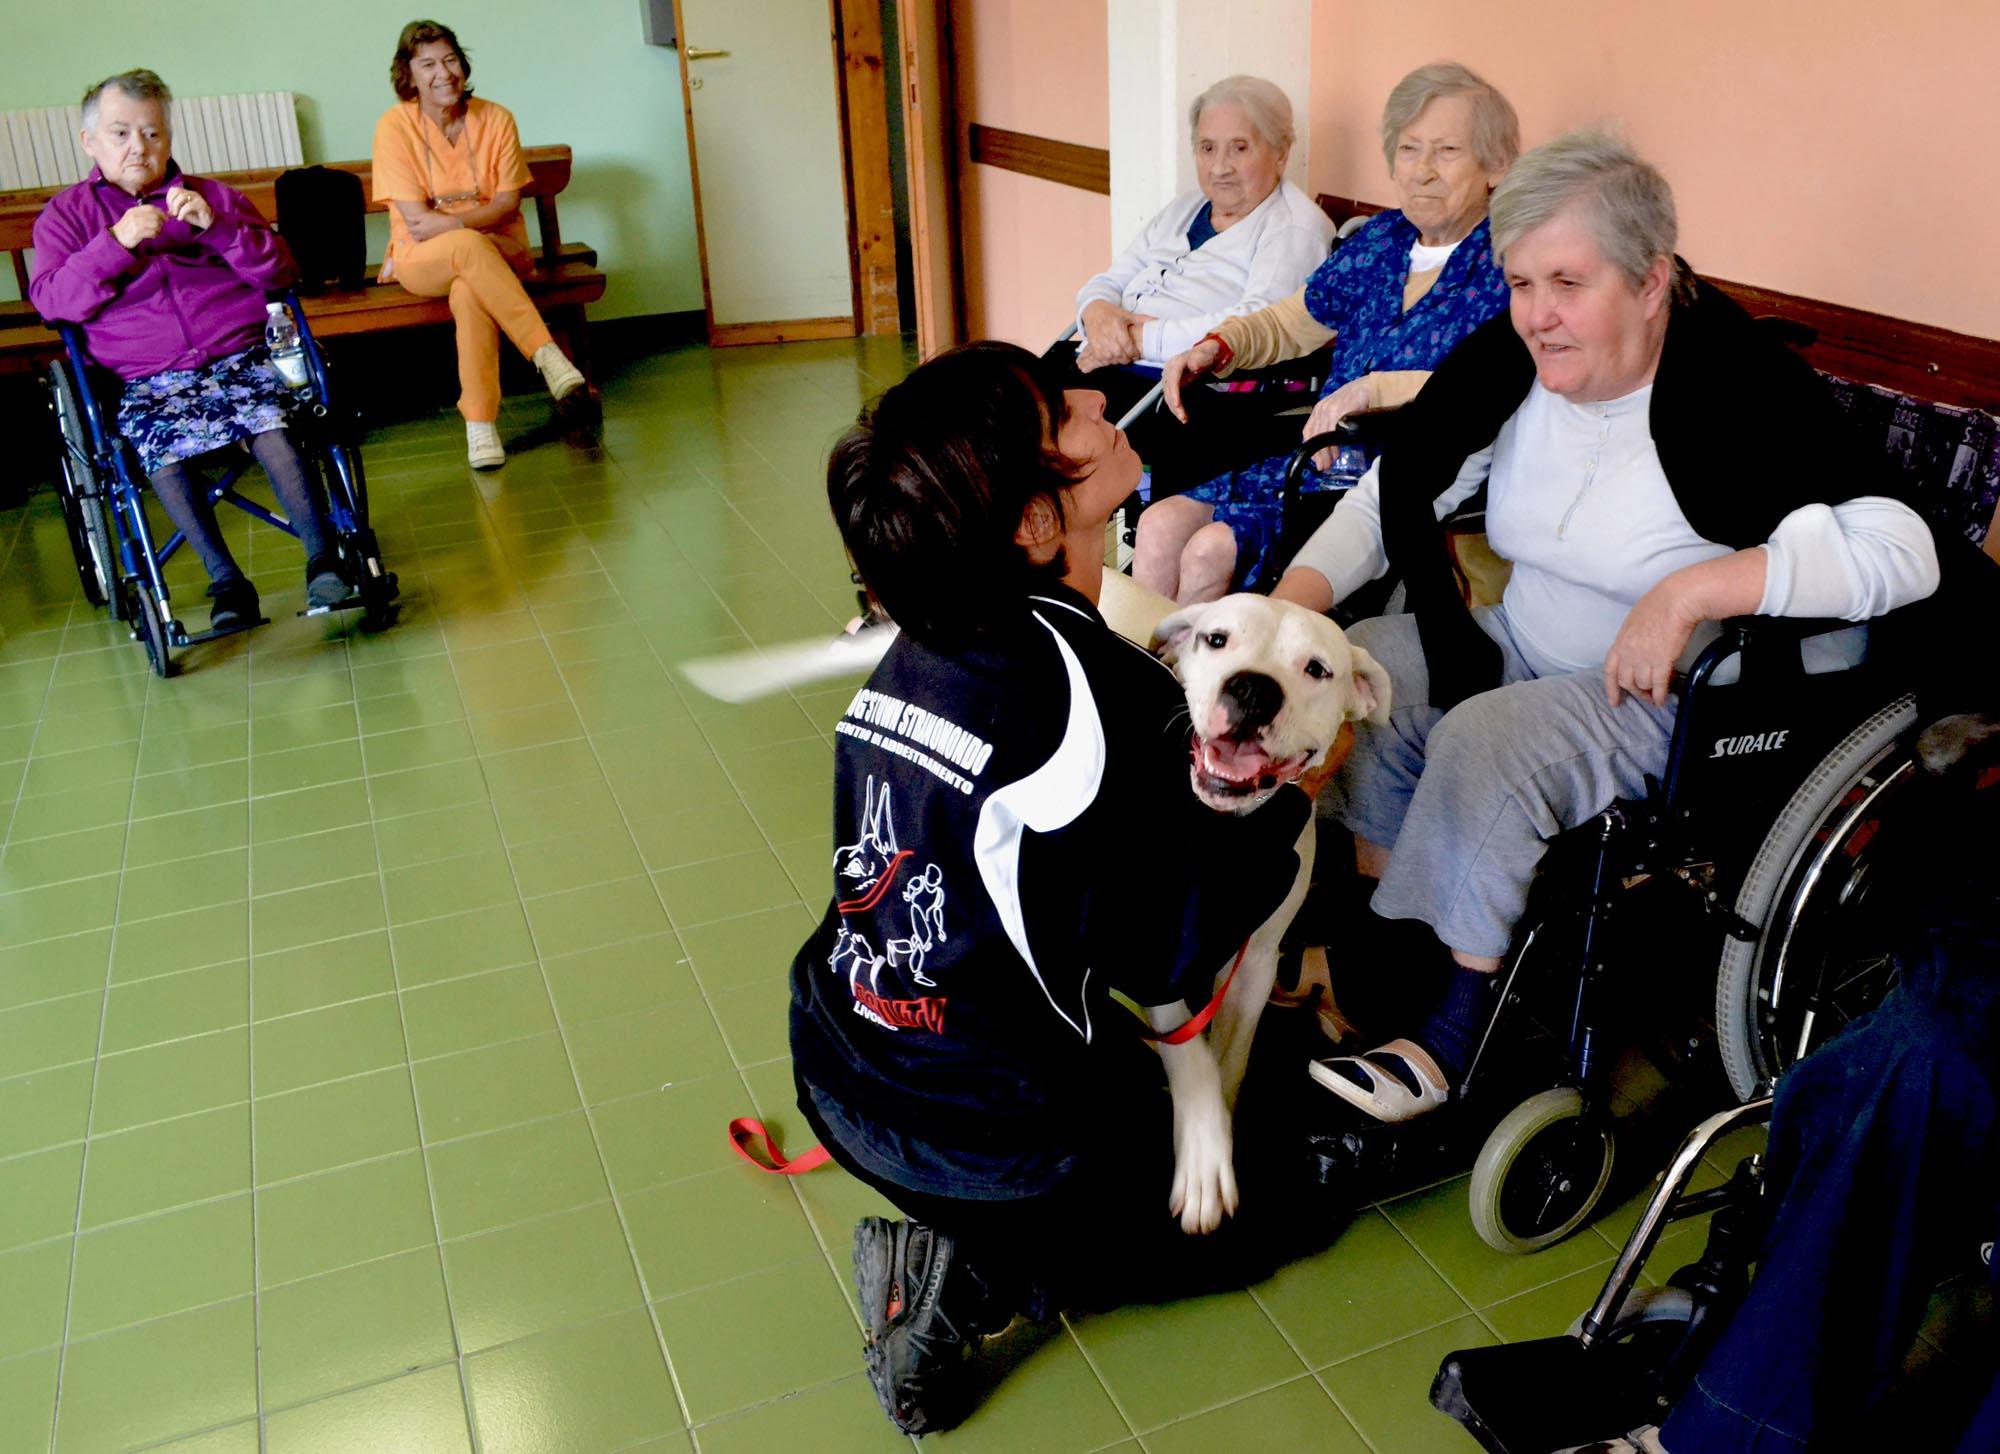 0133 Pet therapy con persone anziane 2 - Pet Therapy con anziani